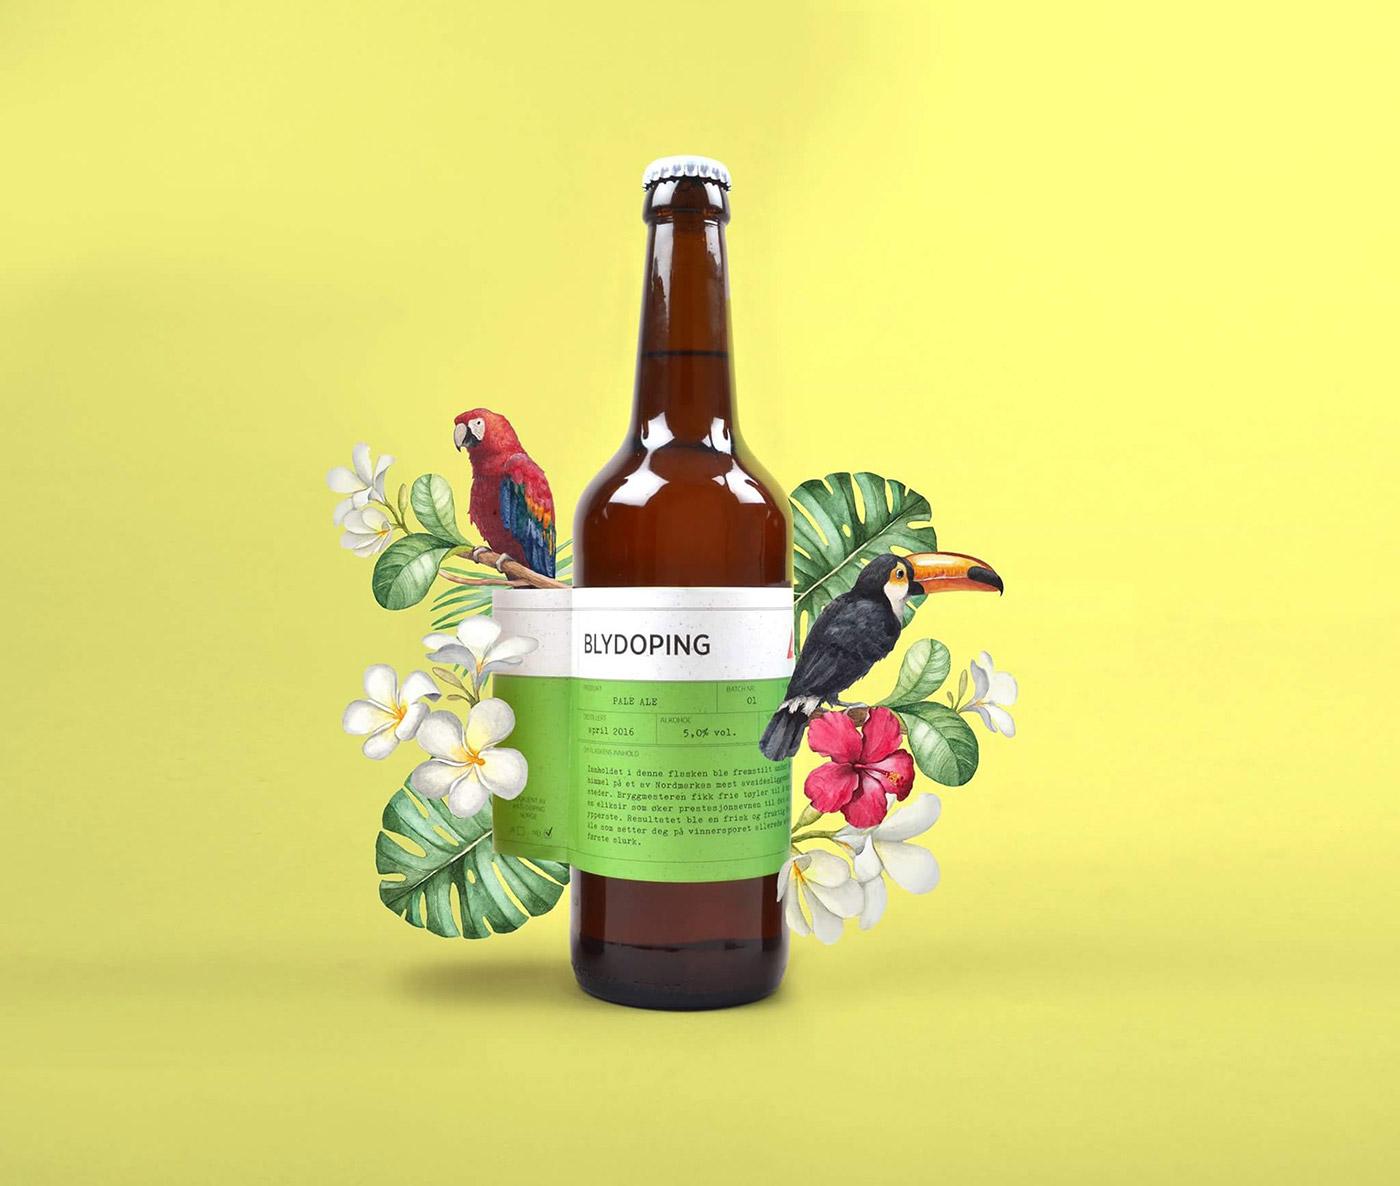 Blydoping-Beer-Labels-design-mindsparkle-mag-5.jpg